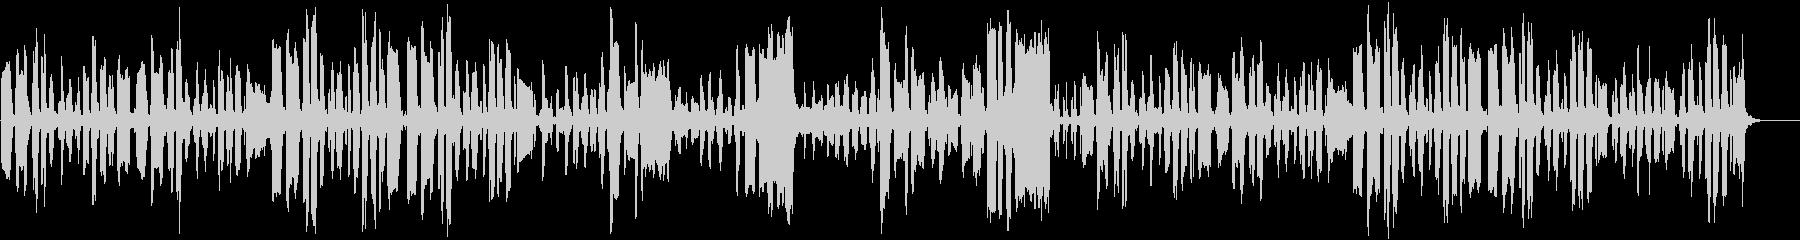 リコーダーの日常のんびり曲の未再生の波形